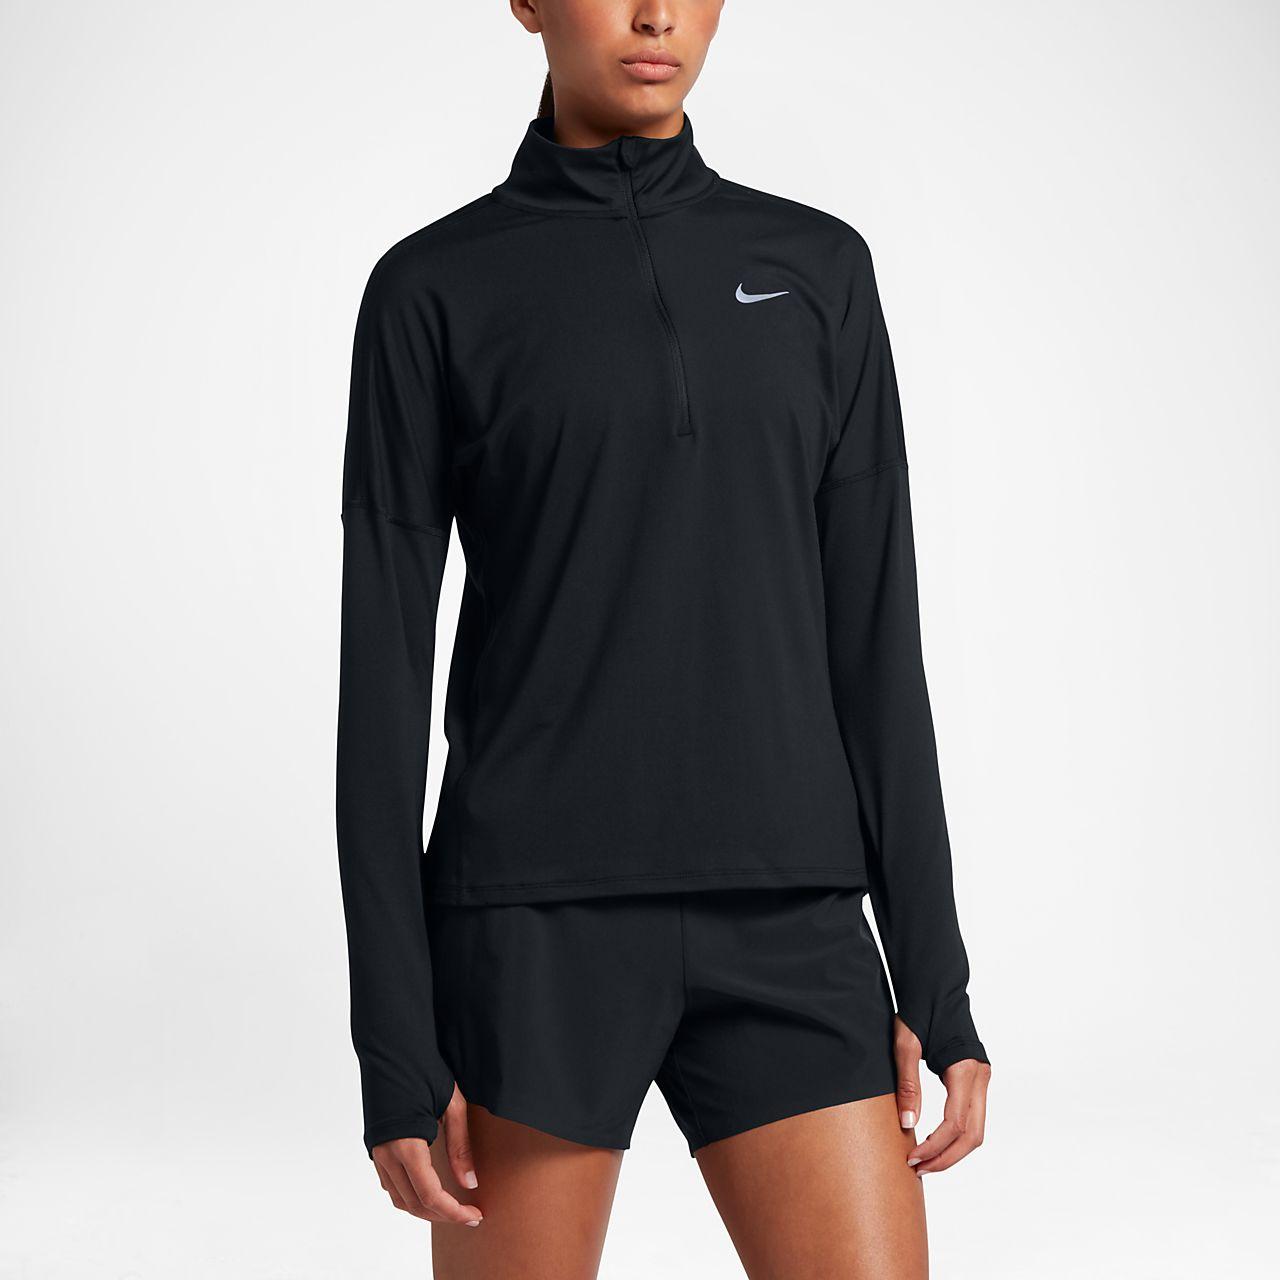 b0e595f6727 ... Nike Dri-FIT Camiseta de running de manga larga con media cremallera -  Mujer